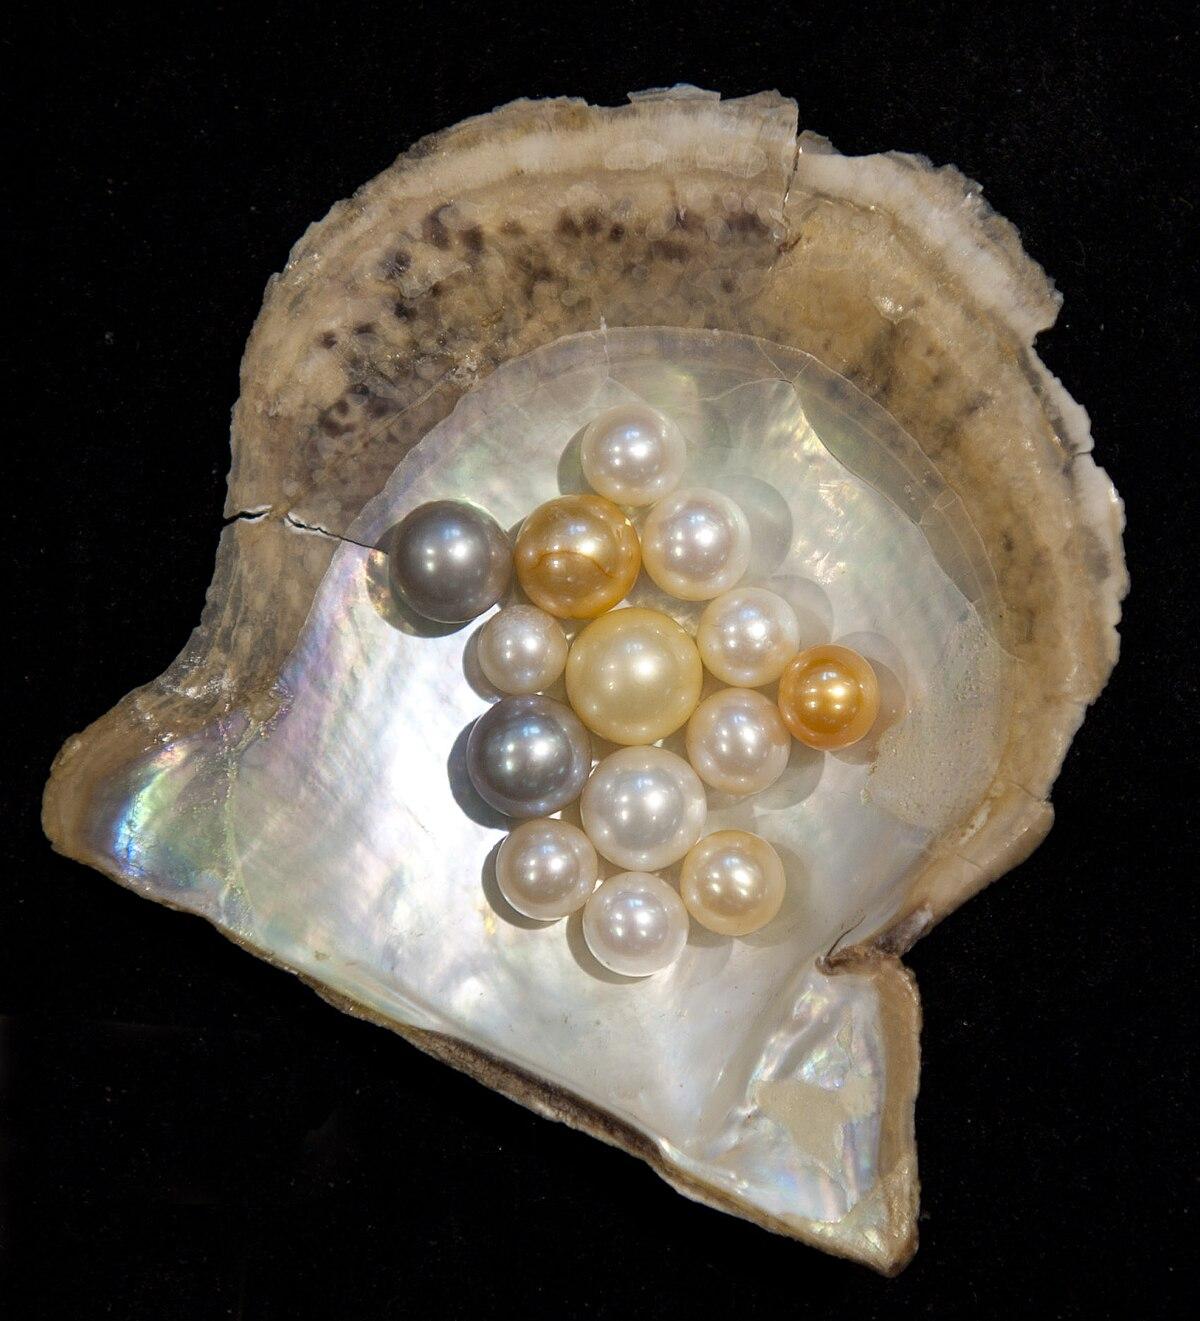 A gyöngyök szépségében már évezredek óta gyöngyörködünk. A tenyésztett gyöngyök élete